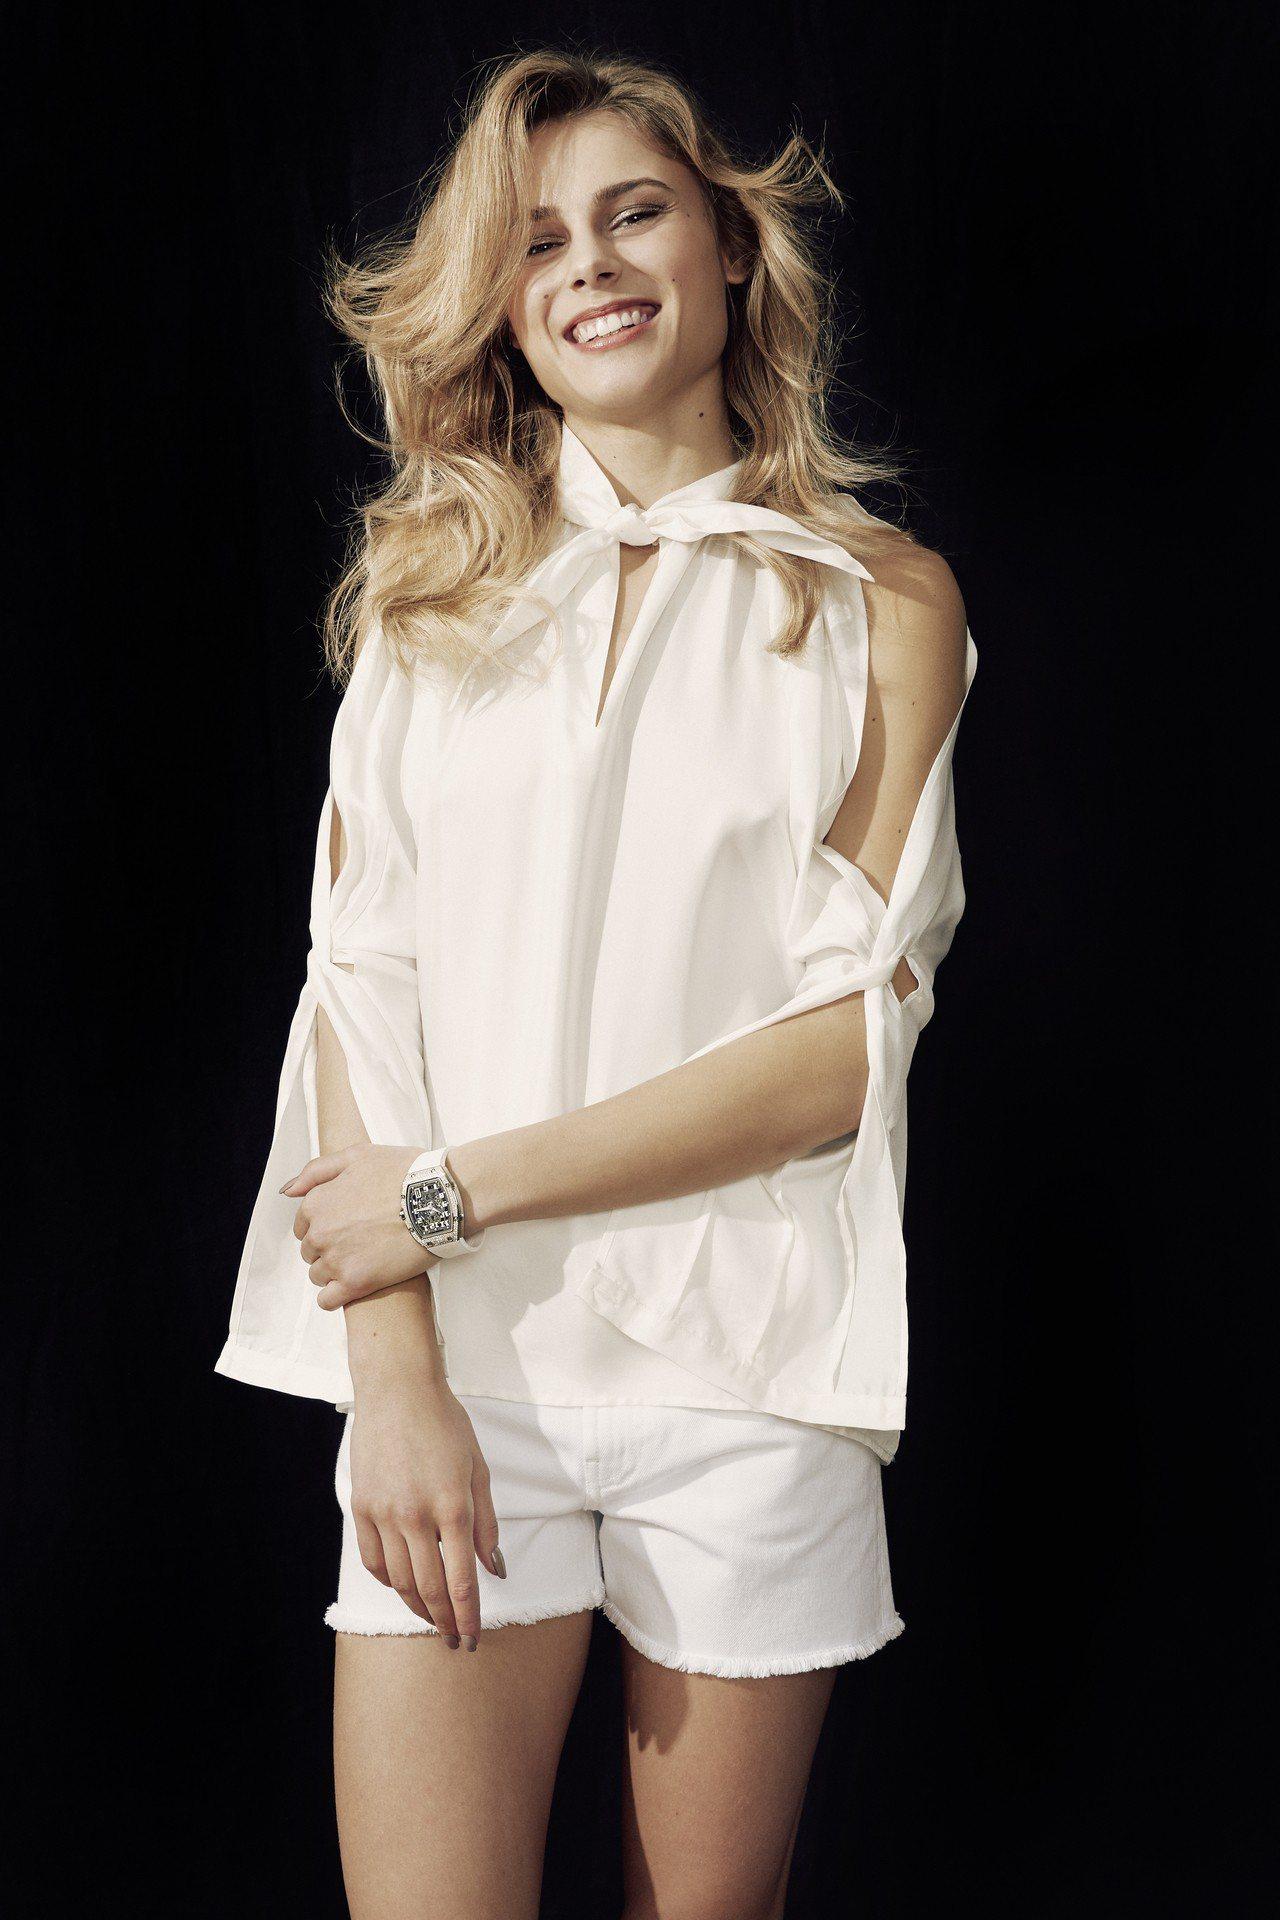 年僅21歲,相貌甜美的Yuliya Levchenko被認為是跳高運動前途不可限...